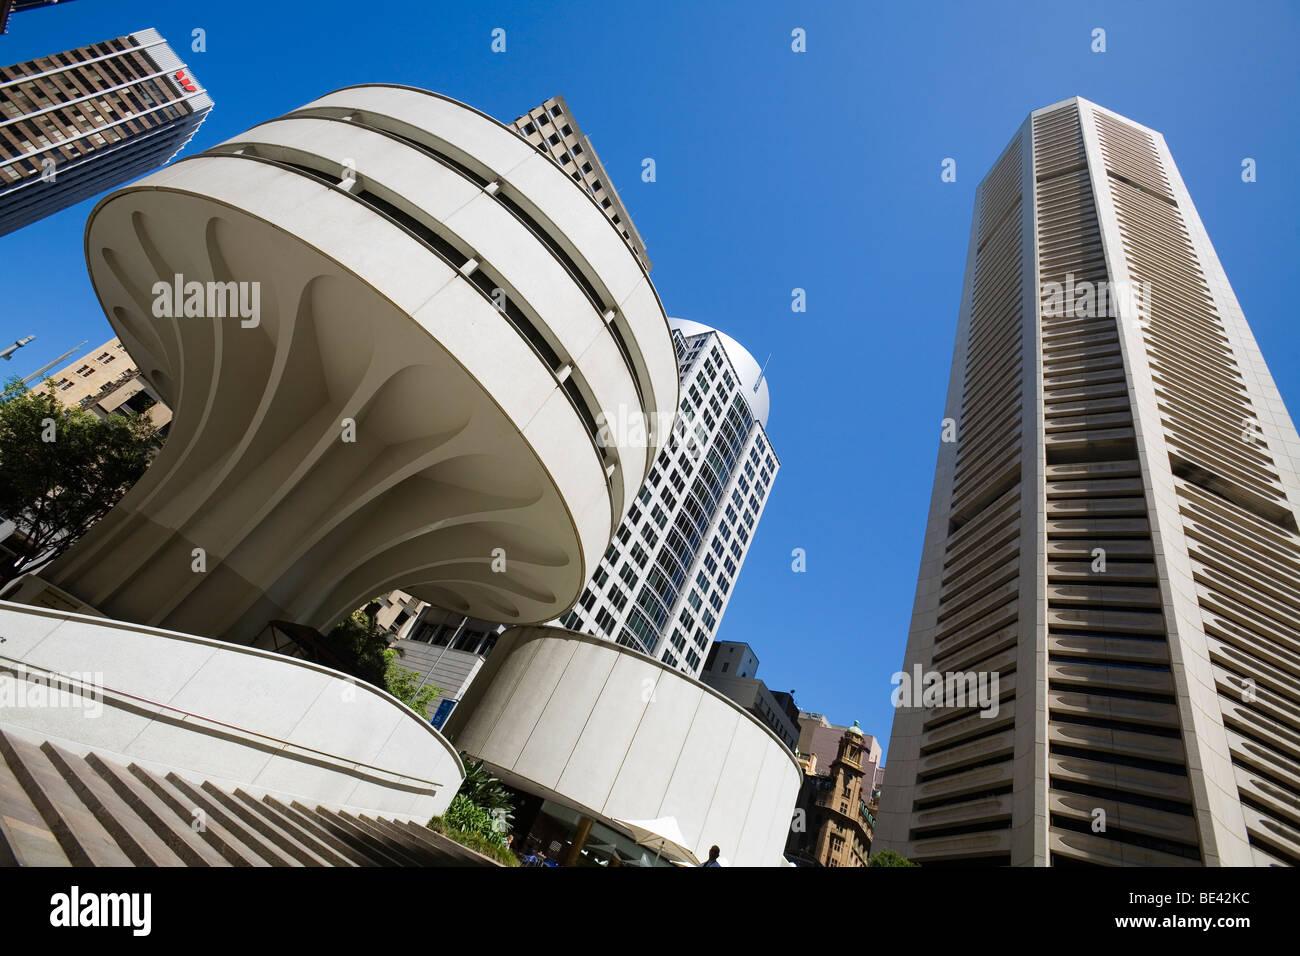 La arquitectura moderna de la MLC Center at 19 Martin Place en el centro de la ciudad. Sydney, New South Wales, Imagen De Stock